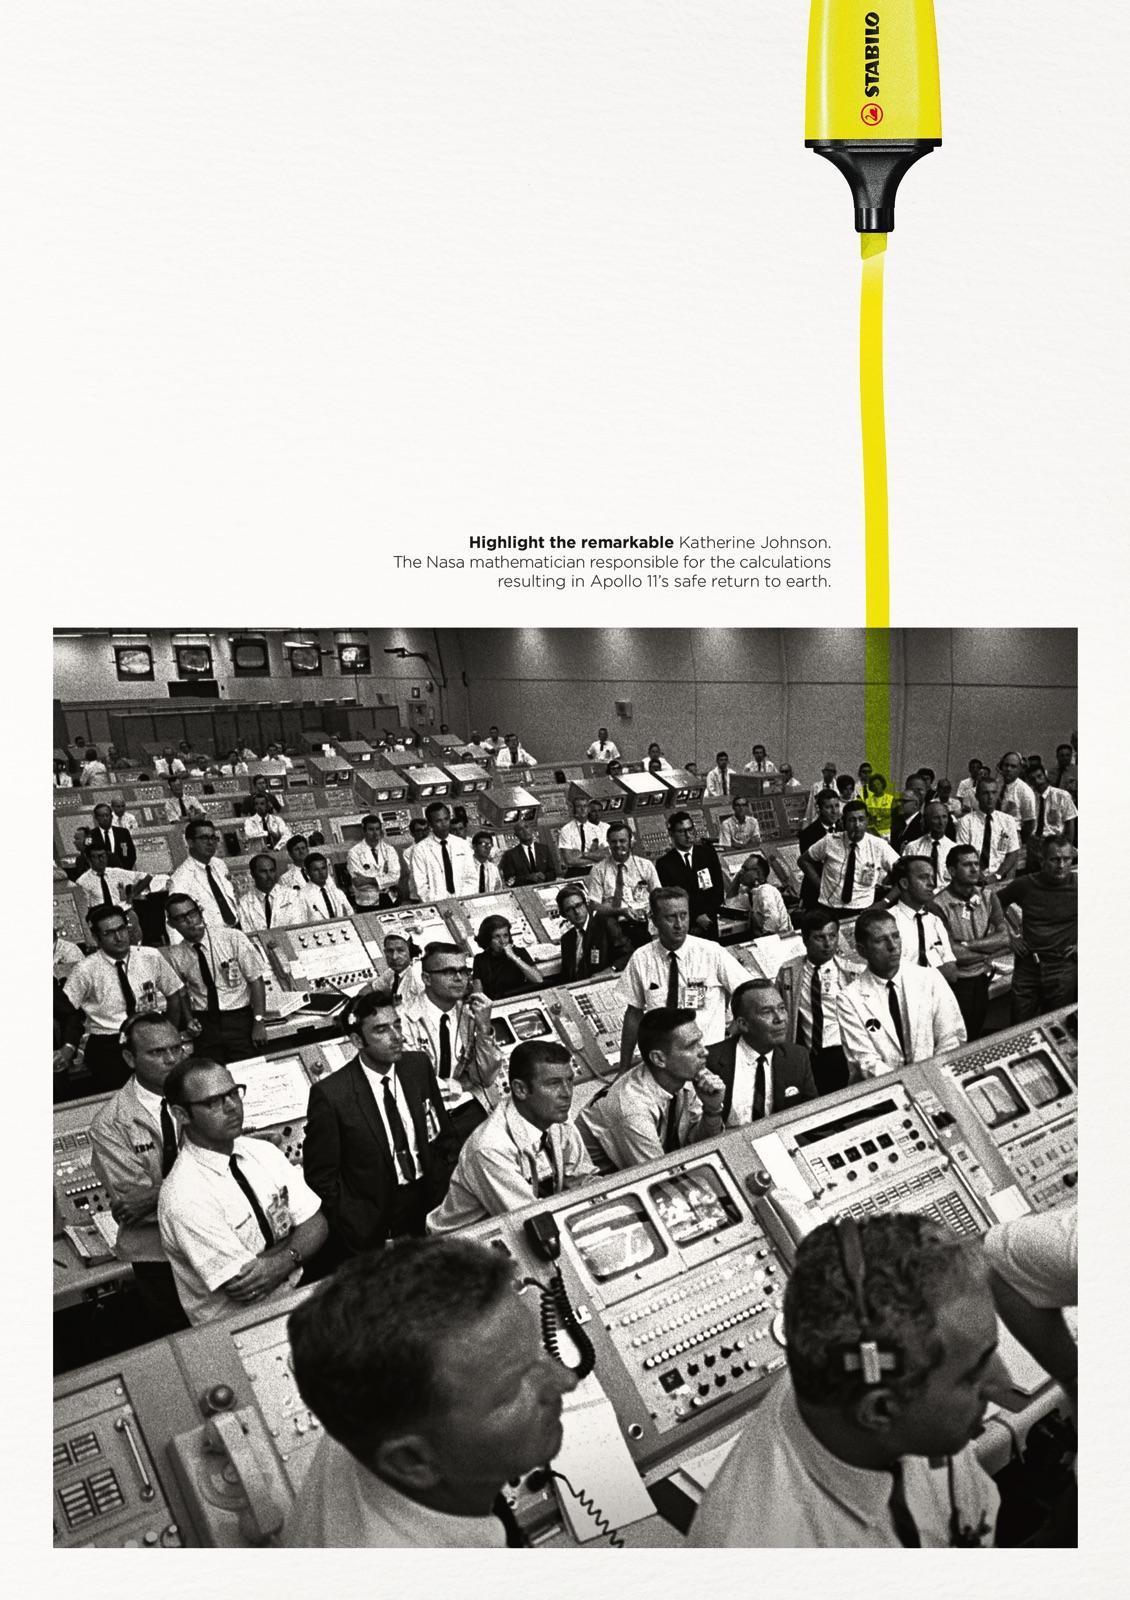 Stabilo-campaña-grafica-resalta-importantes-mujeres-en-la-historia